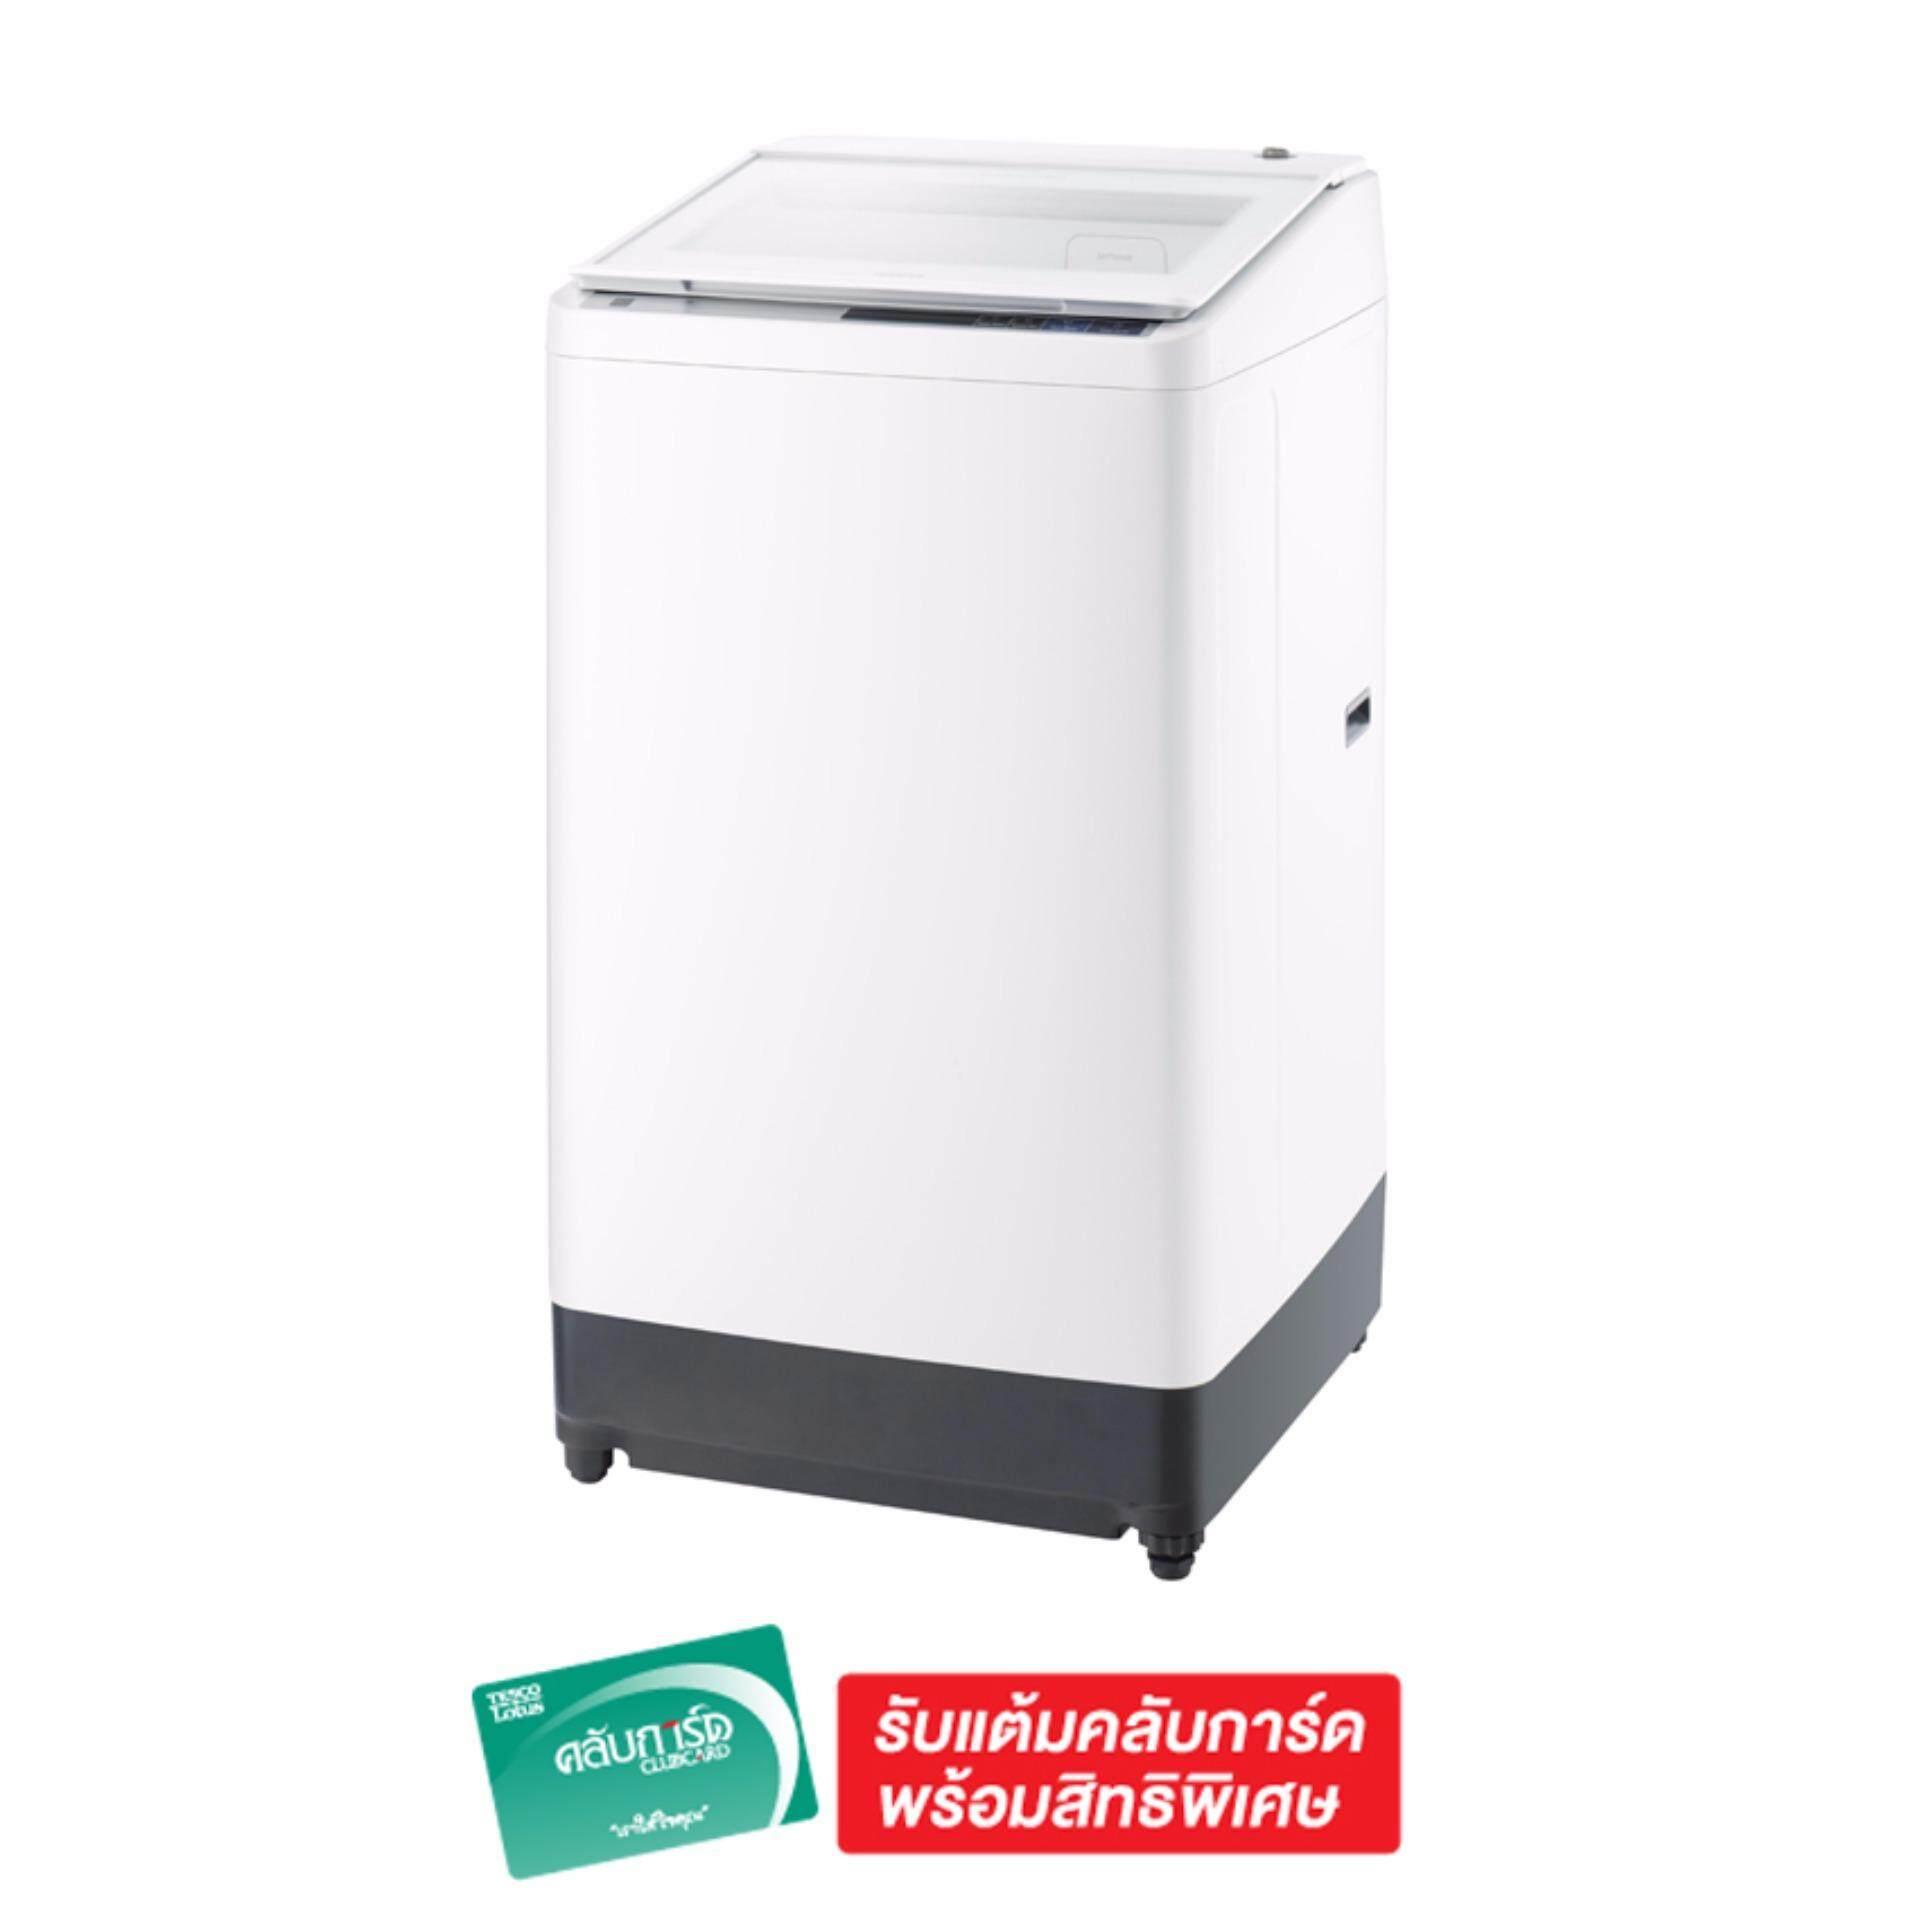 นี่คืออันดับ1 เครื่องซักผ้า Zanussi -8% Zanussi เครื่องซักผ้า ขนาด 12 กก. รุ่น ZWTT120X ซื้อที่ไหน ? ถูกที่สุด